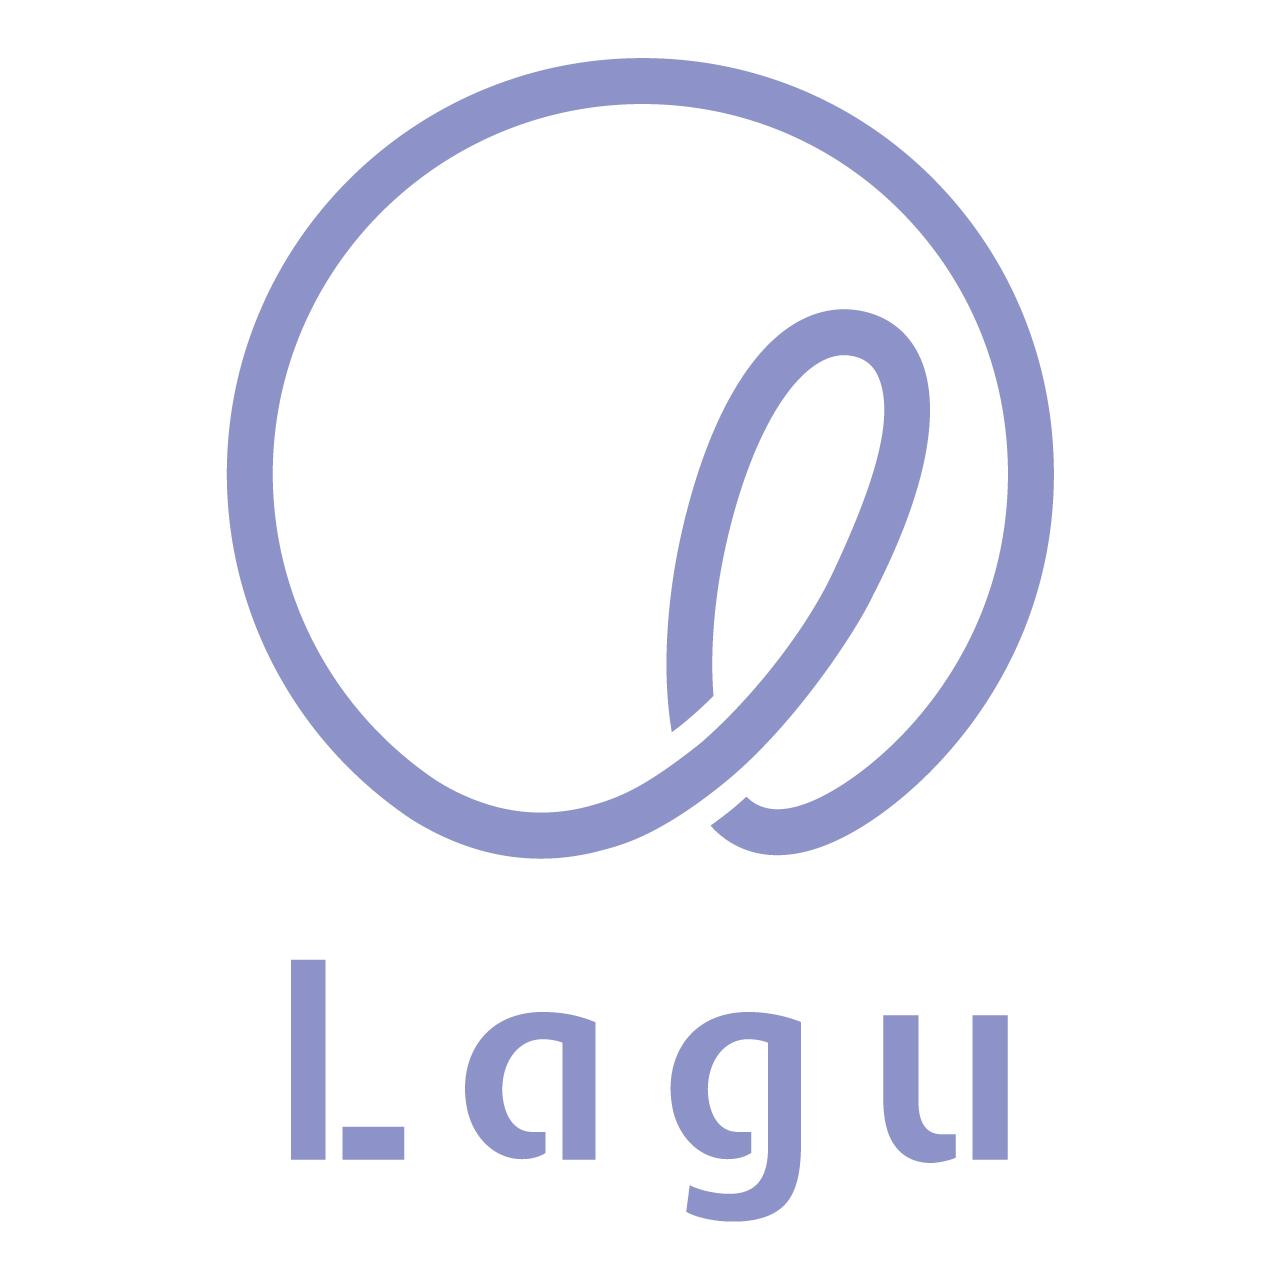 株式会社ラーグ / Lagu